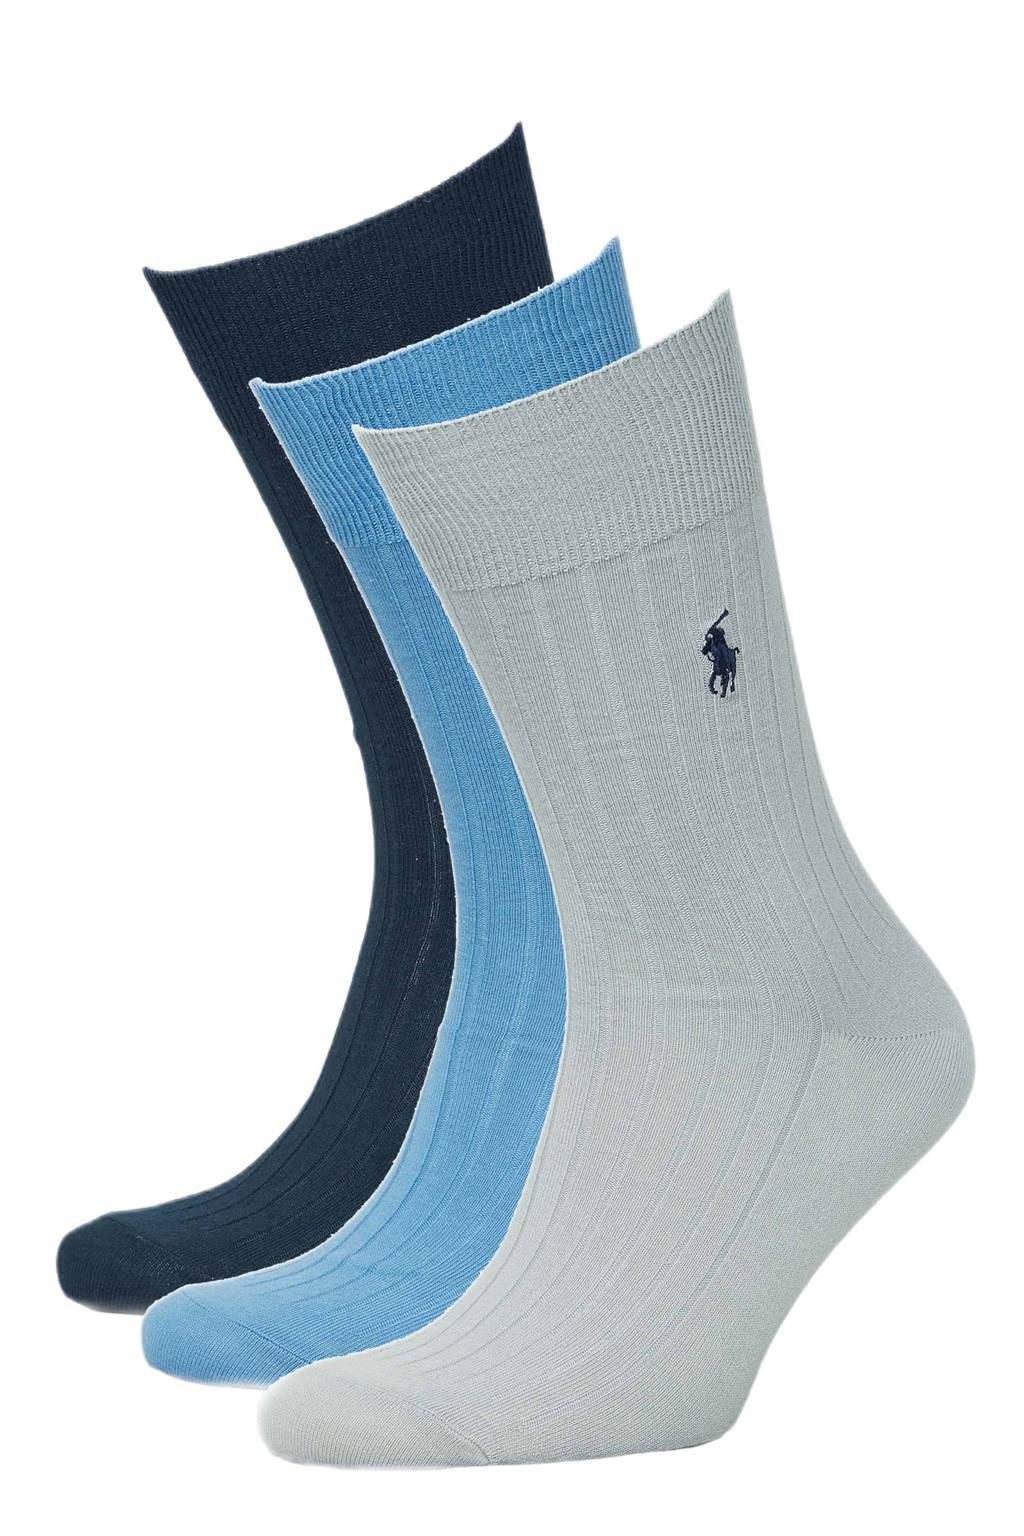 Ralph Lauren sokken - set van 3 blauw/donkerblauw, Blauw/donkerblauw